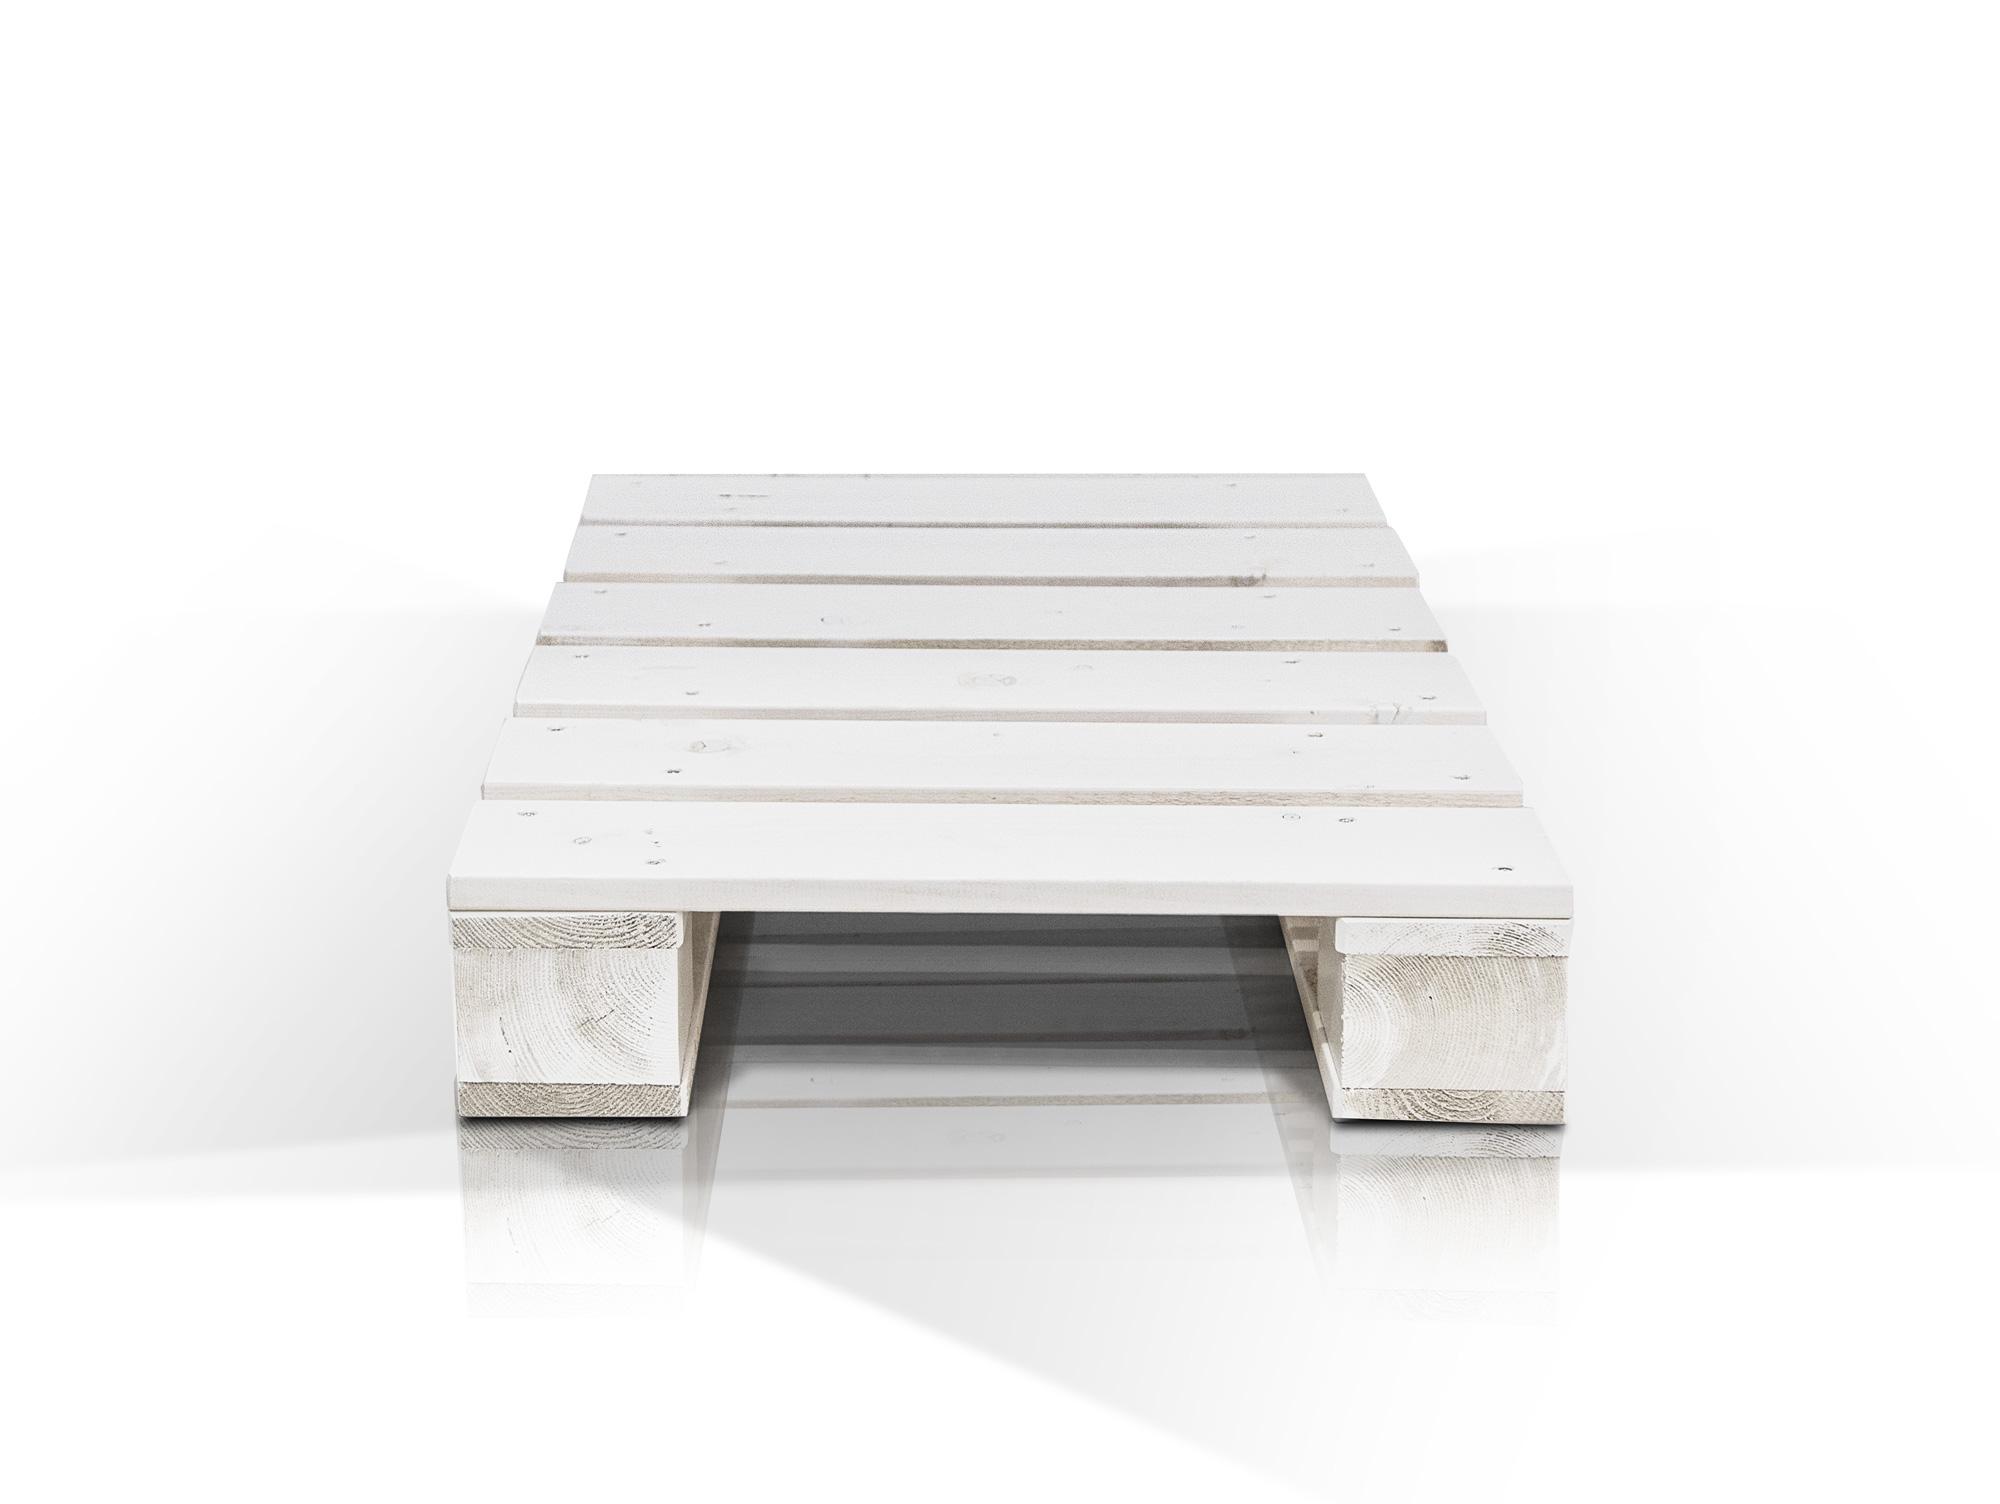 paletti couchtisch i aus paletten 60x90 cm weiss lackiert. Black Bedroom Furniture Sets. Home Design Ideas